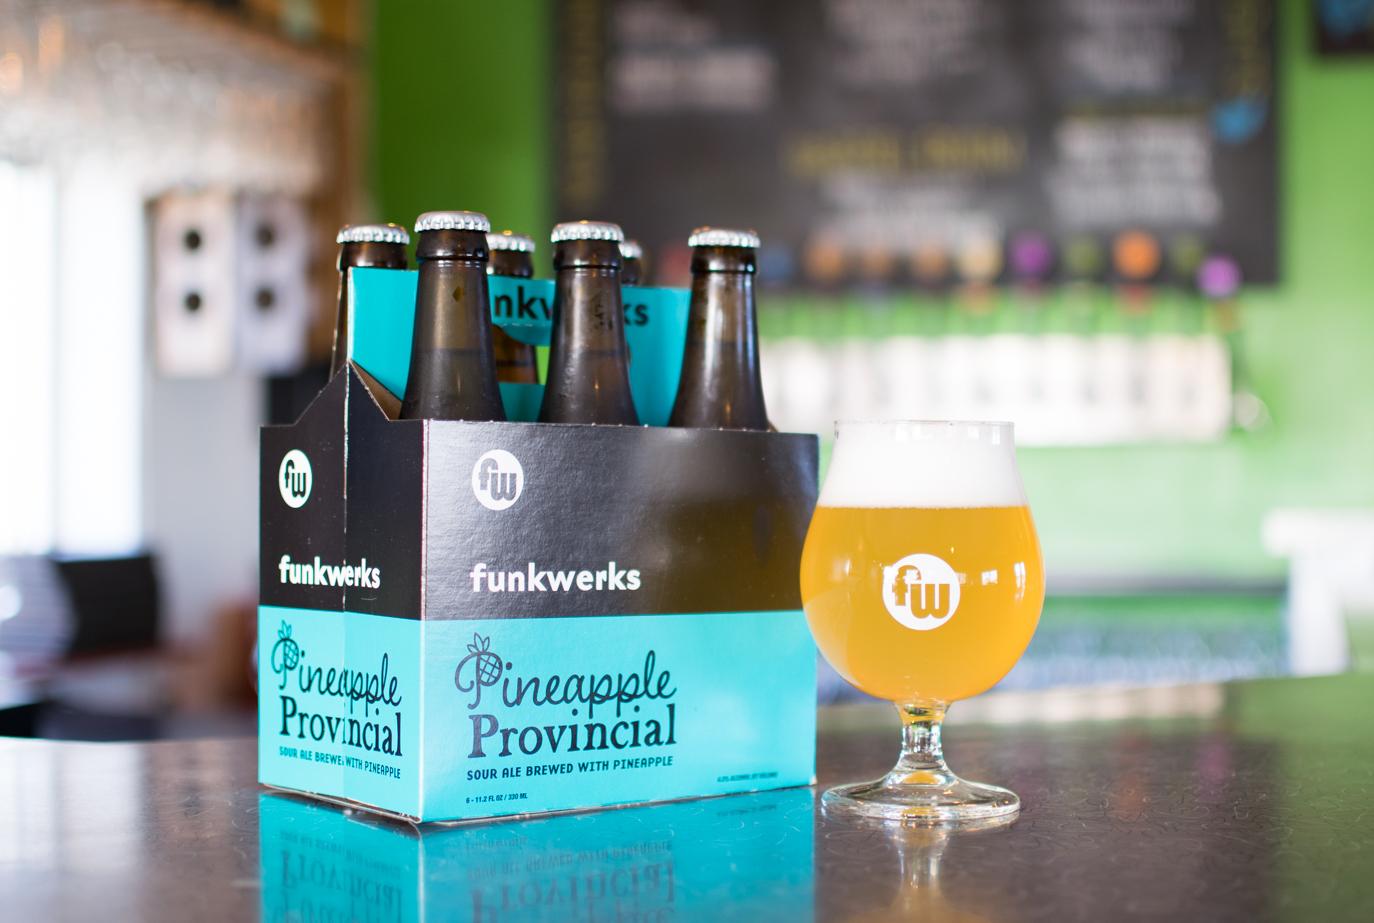 Funkwerks | Pineapple Provincial